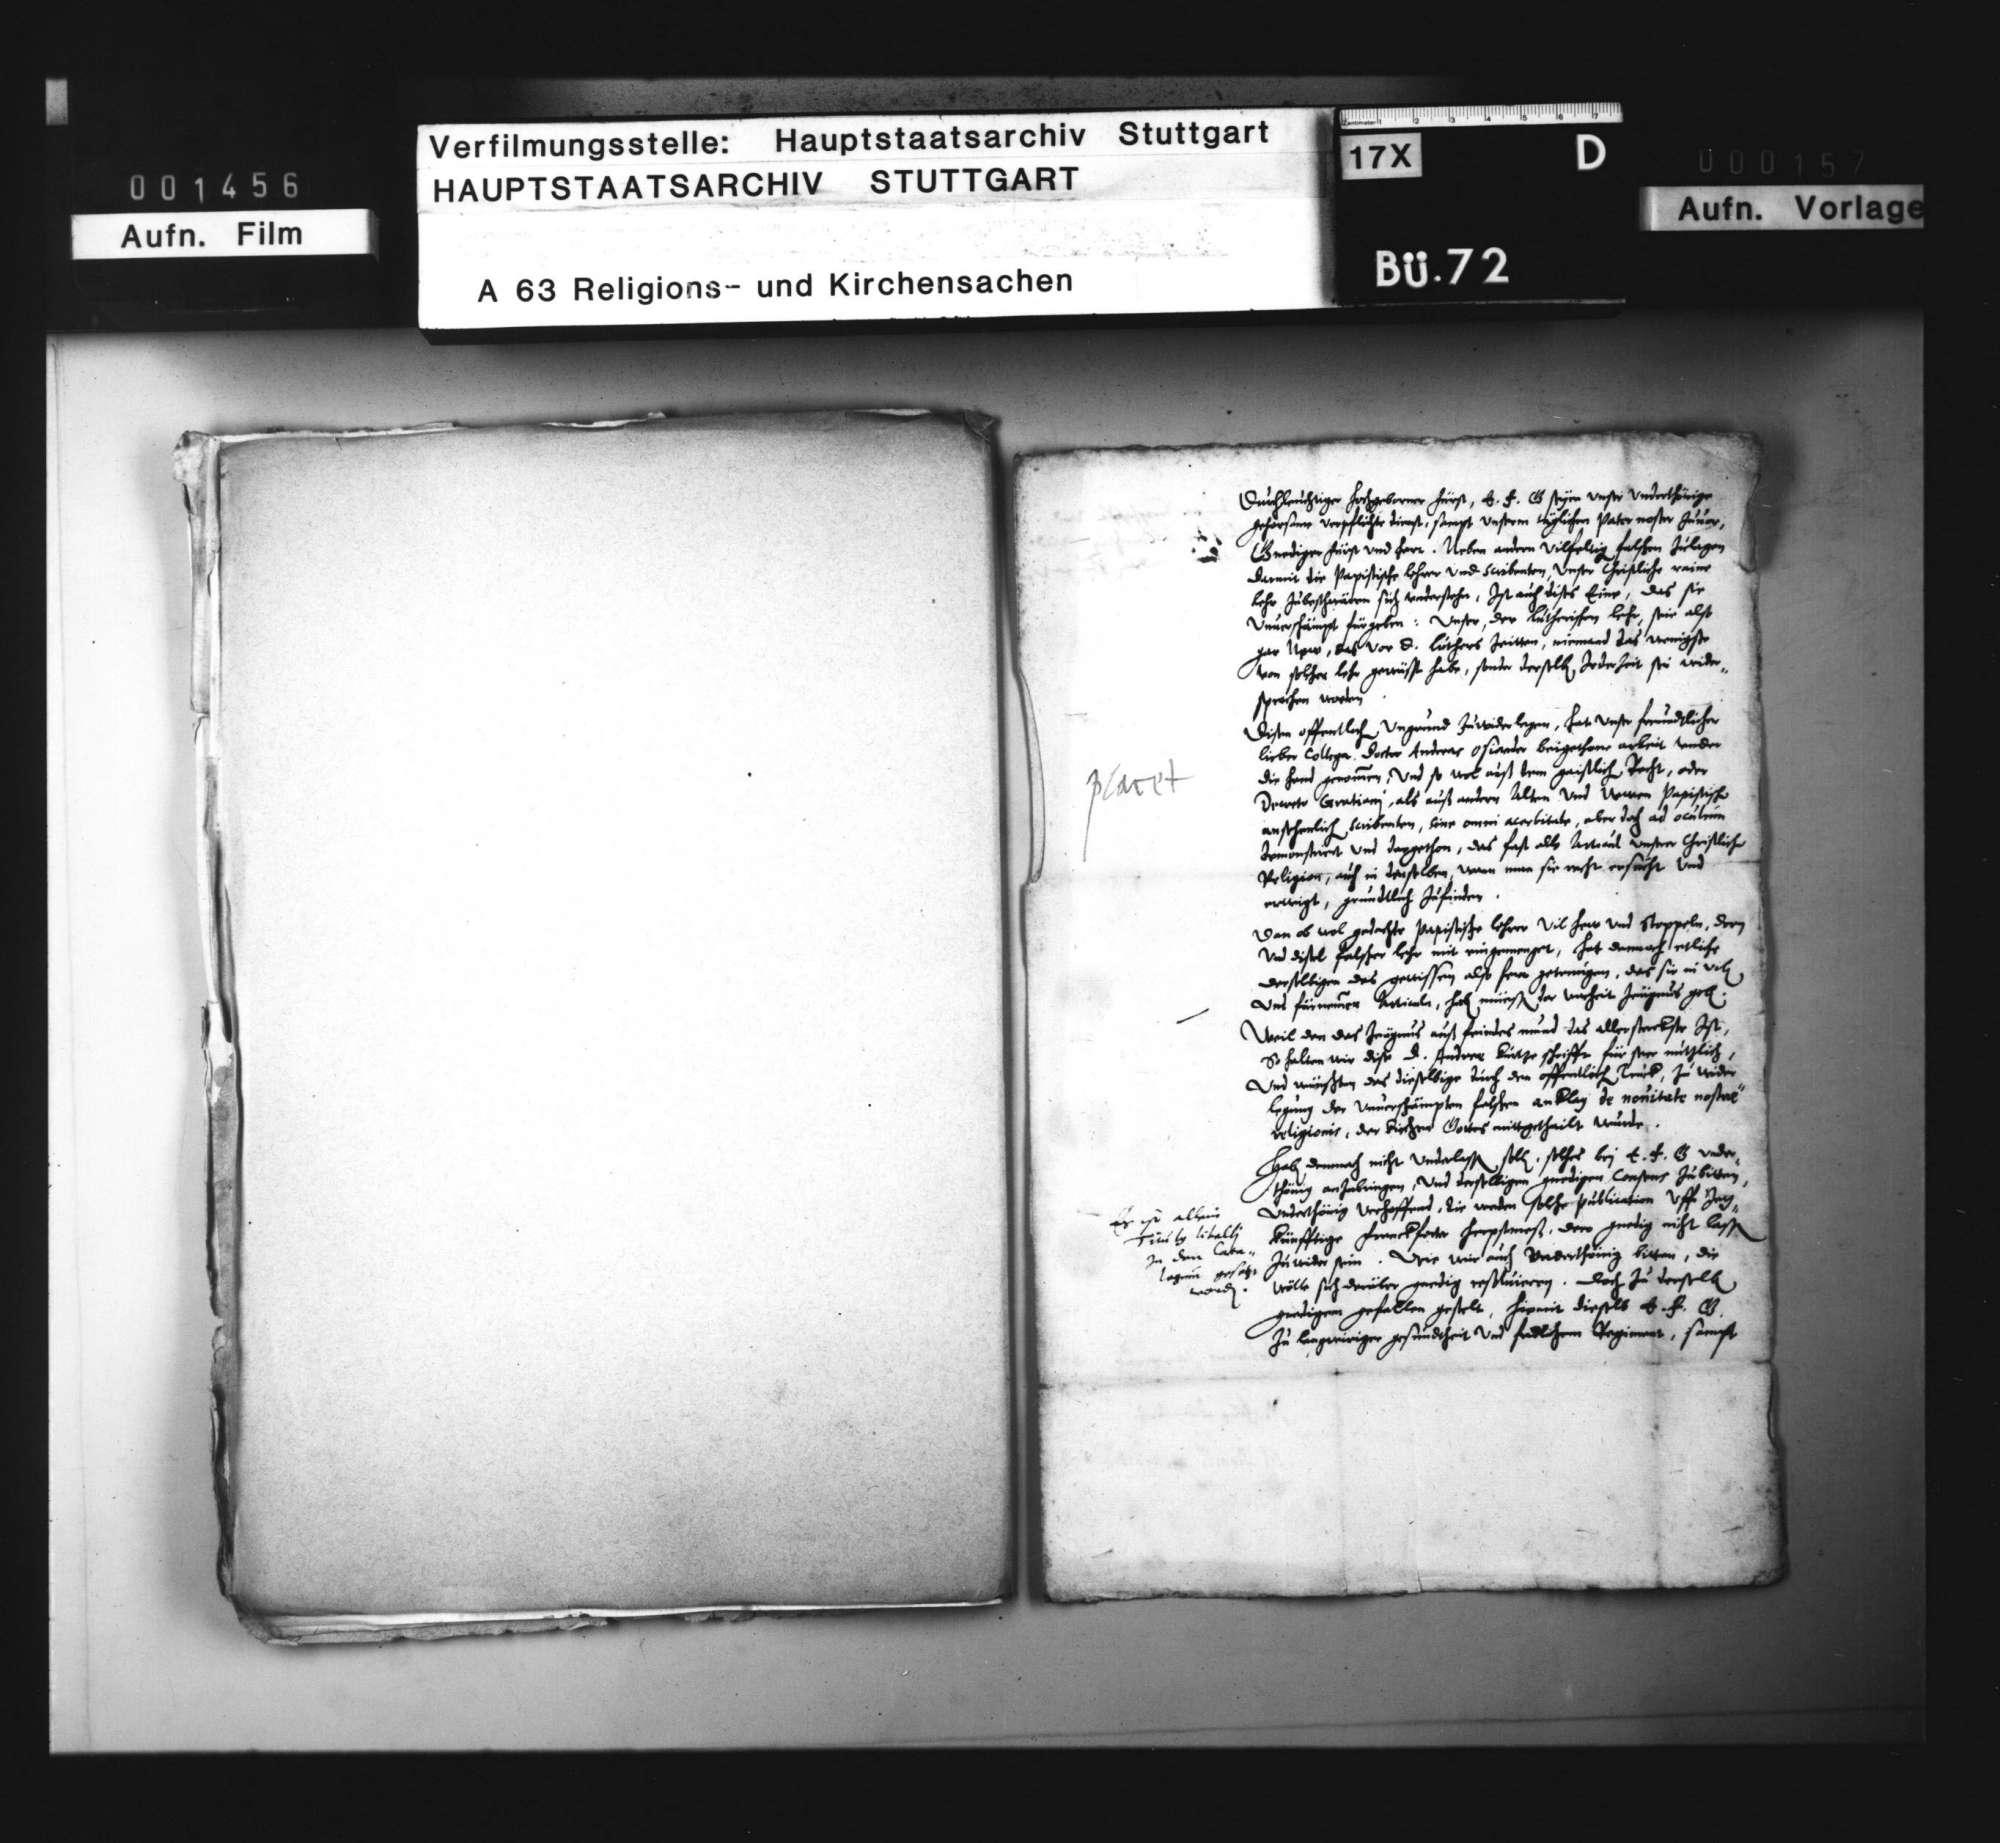 Konsistorialantrag, den Druck einer apologetischen Schrift des Andreas Osiander betreffend., Bild 2